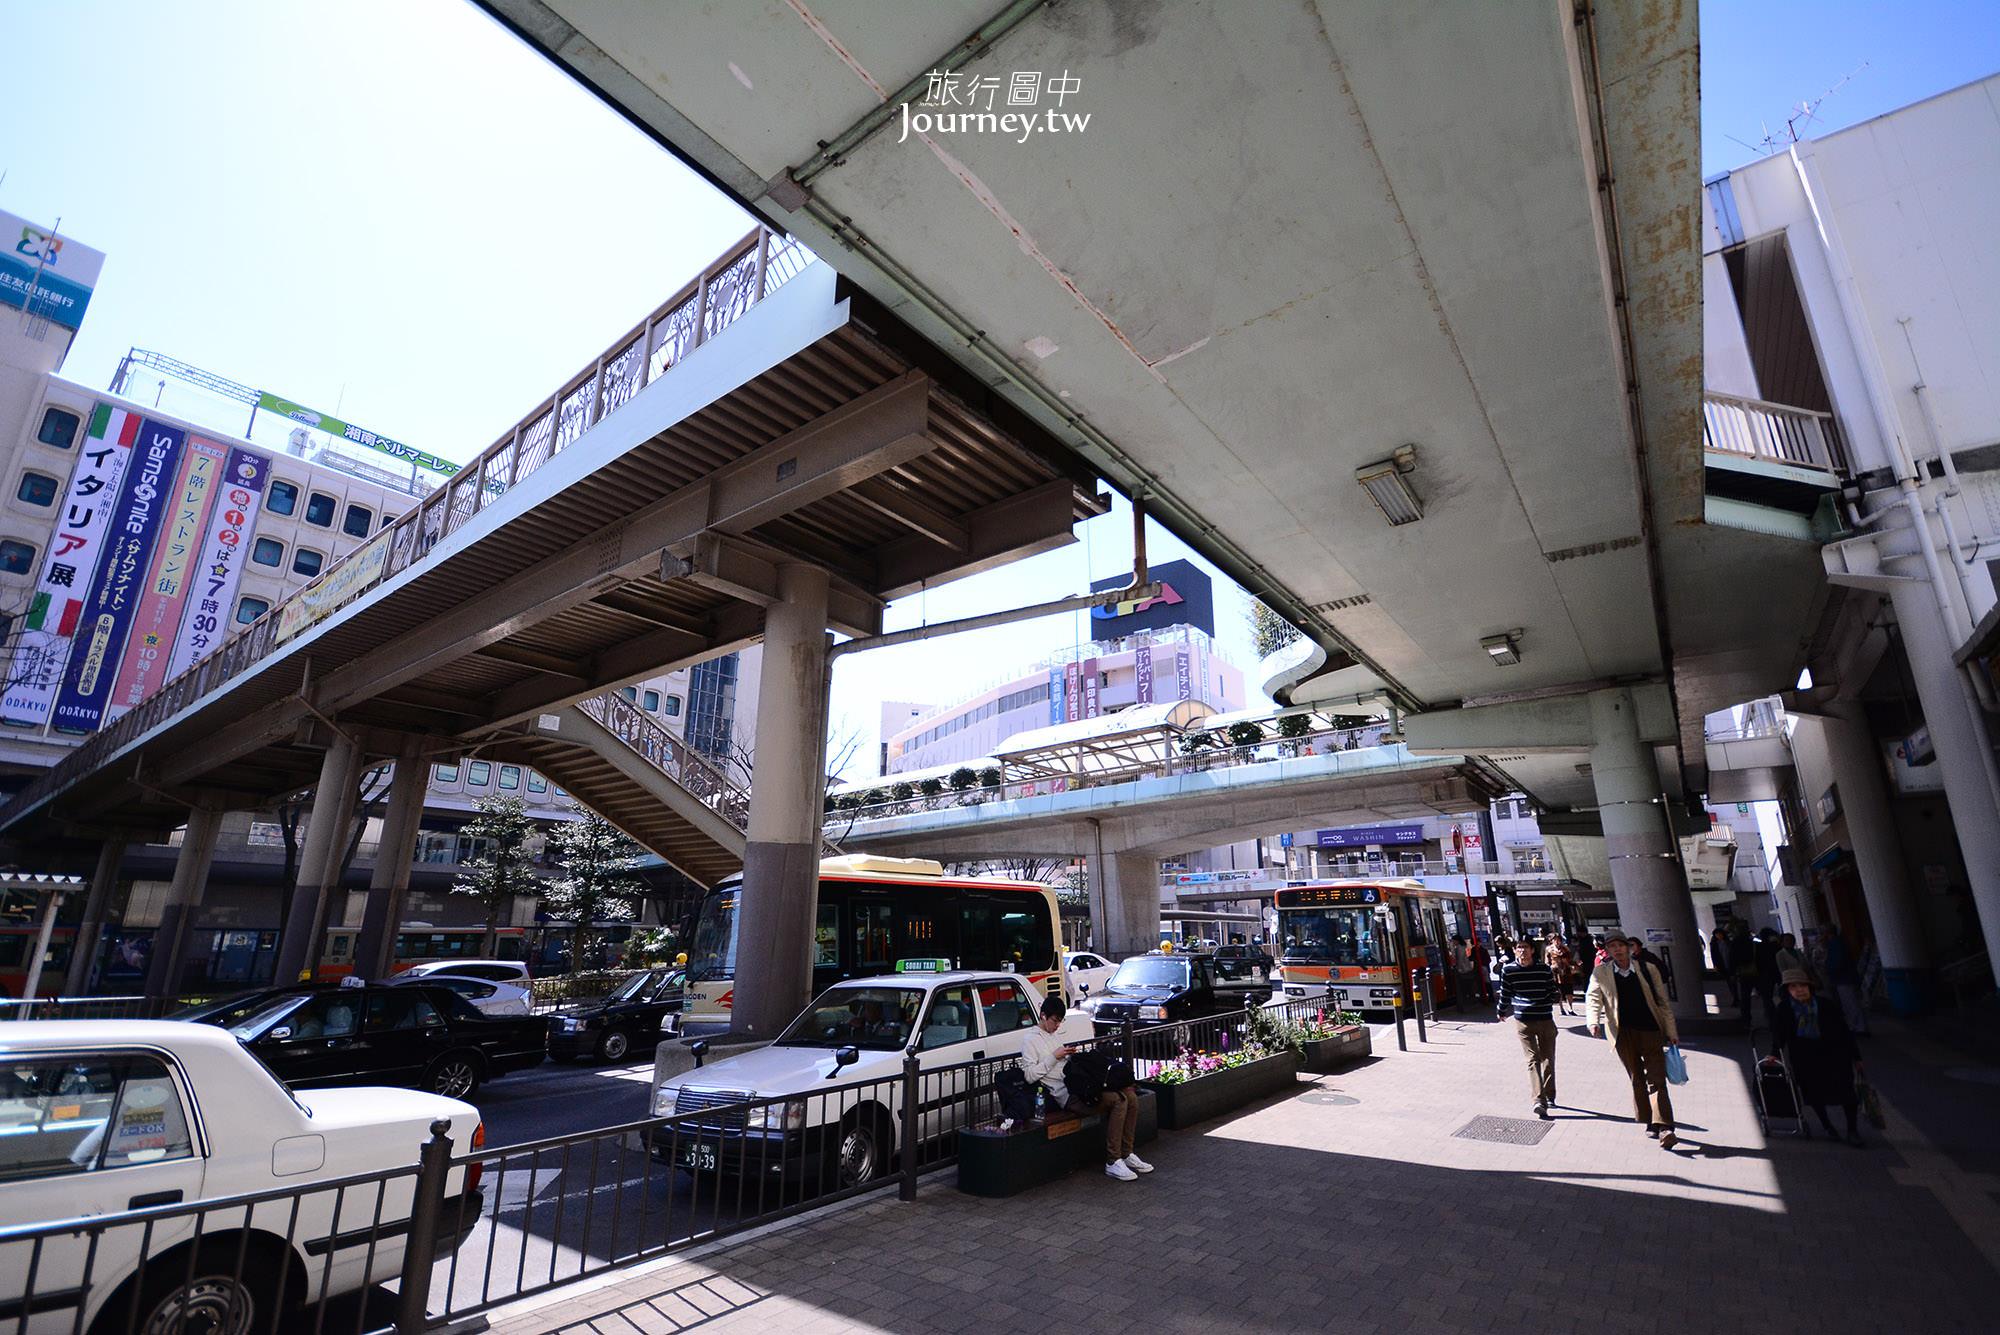 鎌倉旅遊,藤澤,鎌倉住宿,8HOTEL